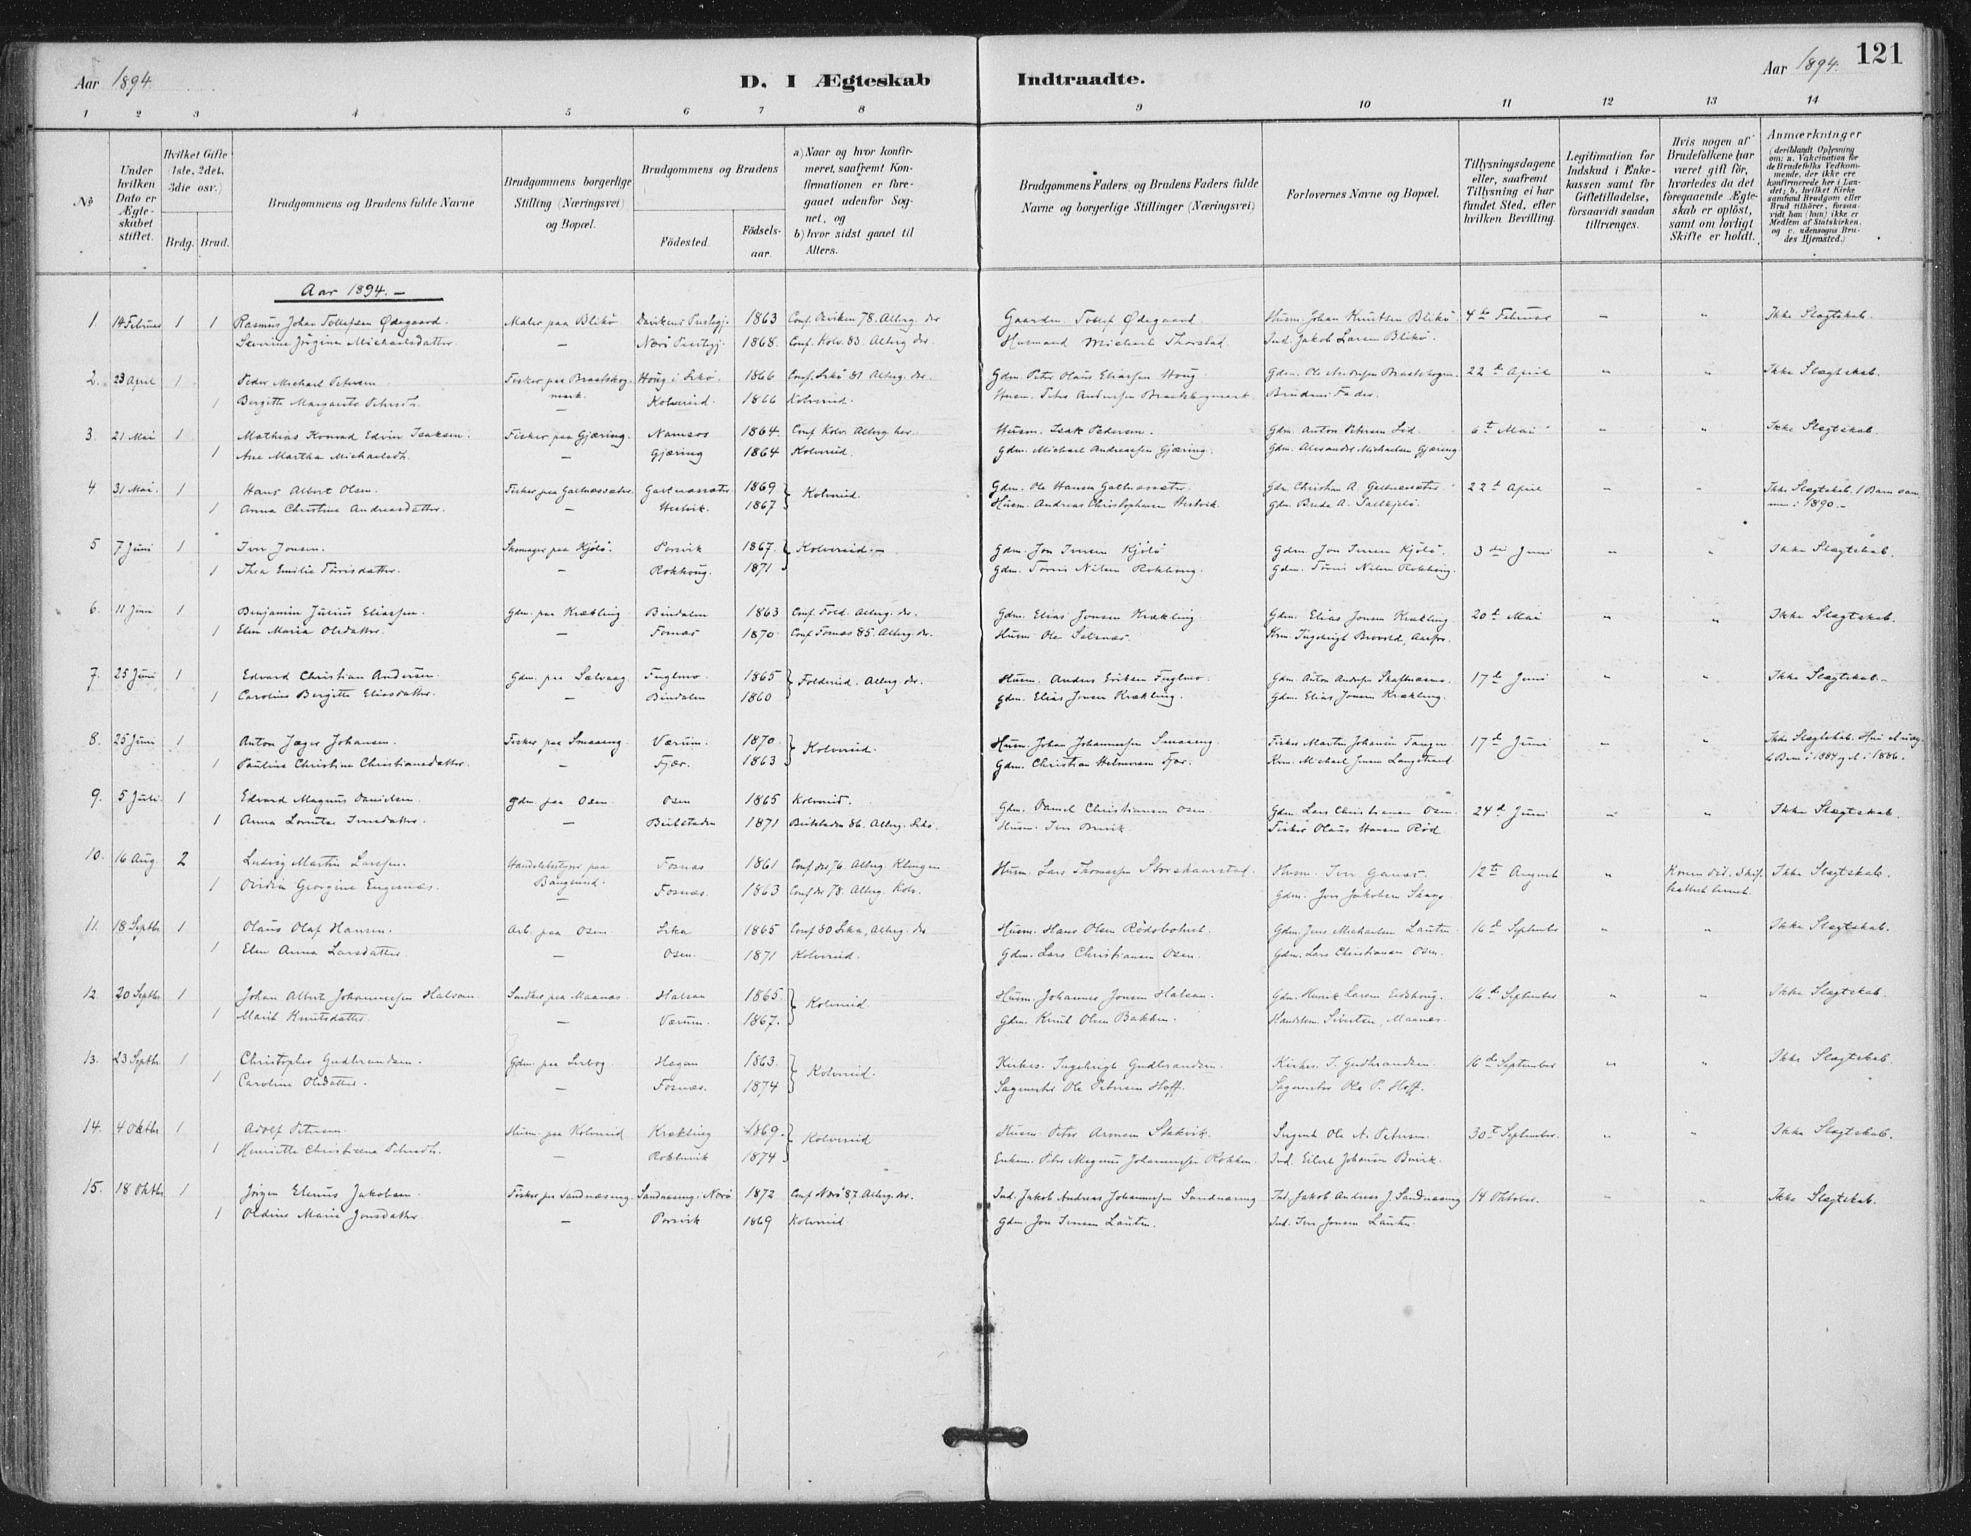 SAT, Ministerialprotokoller, klokkerbøker og fødselsregistre - Nord-Trøndelag, 780/L0644: Ministerialbok nr. 780A08, 1886-1903, s. 121